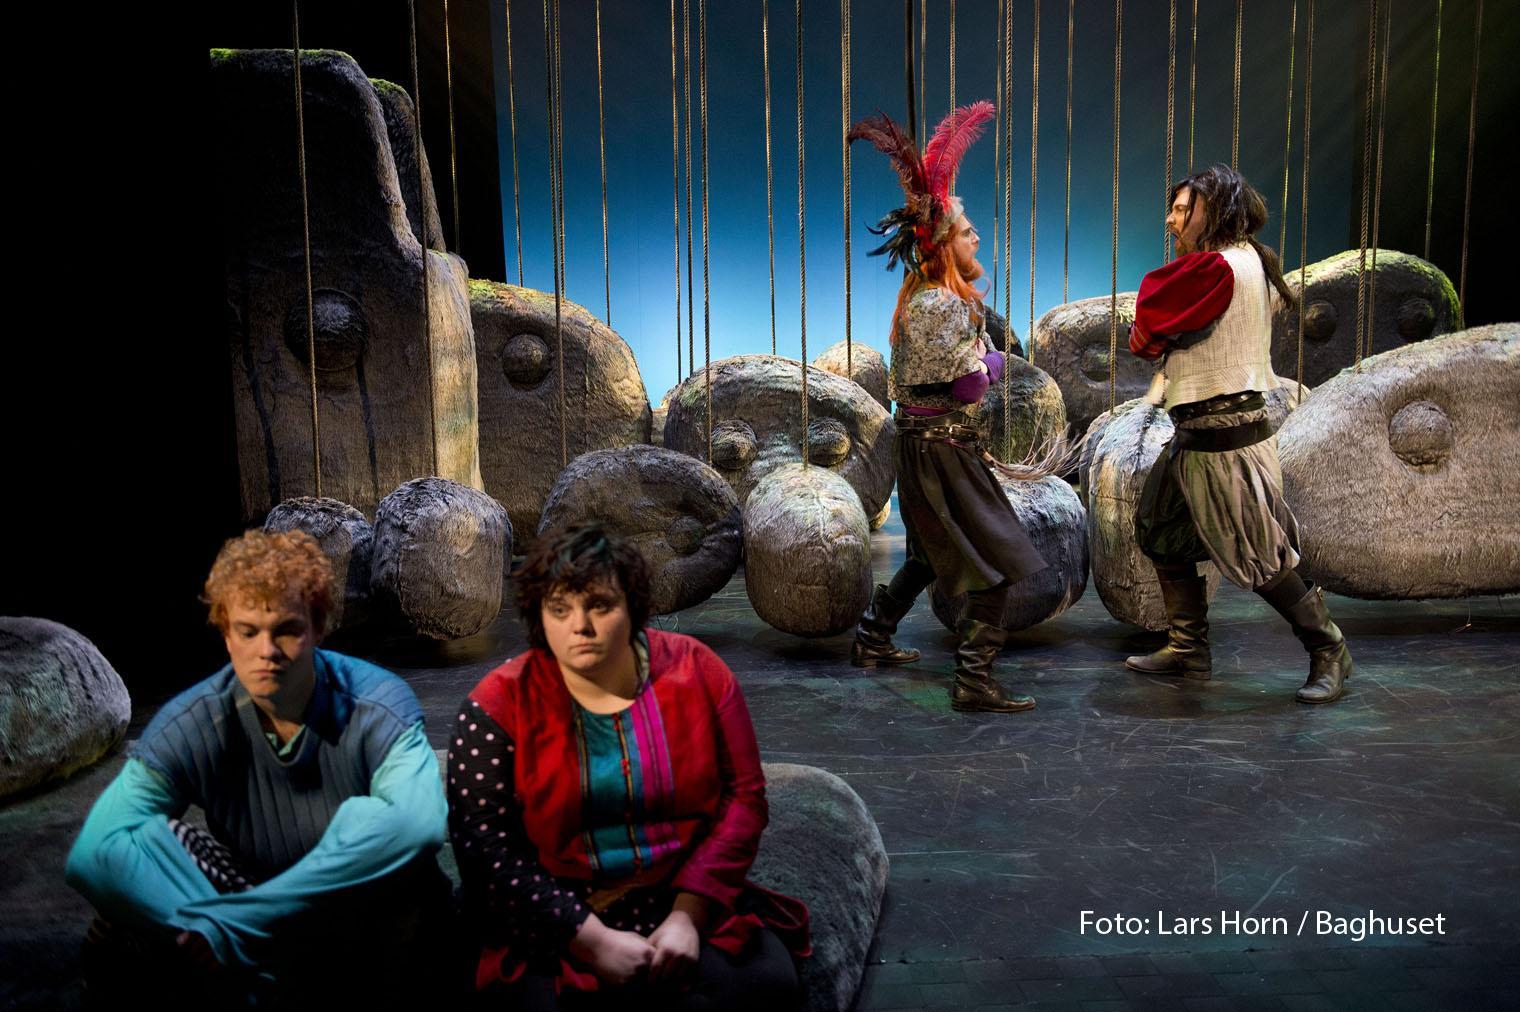 Anmeldelse: Ronja Røverdatter, Aalborg Teater